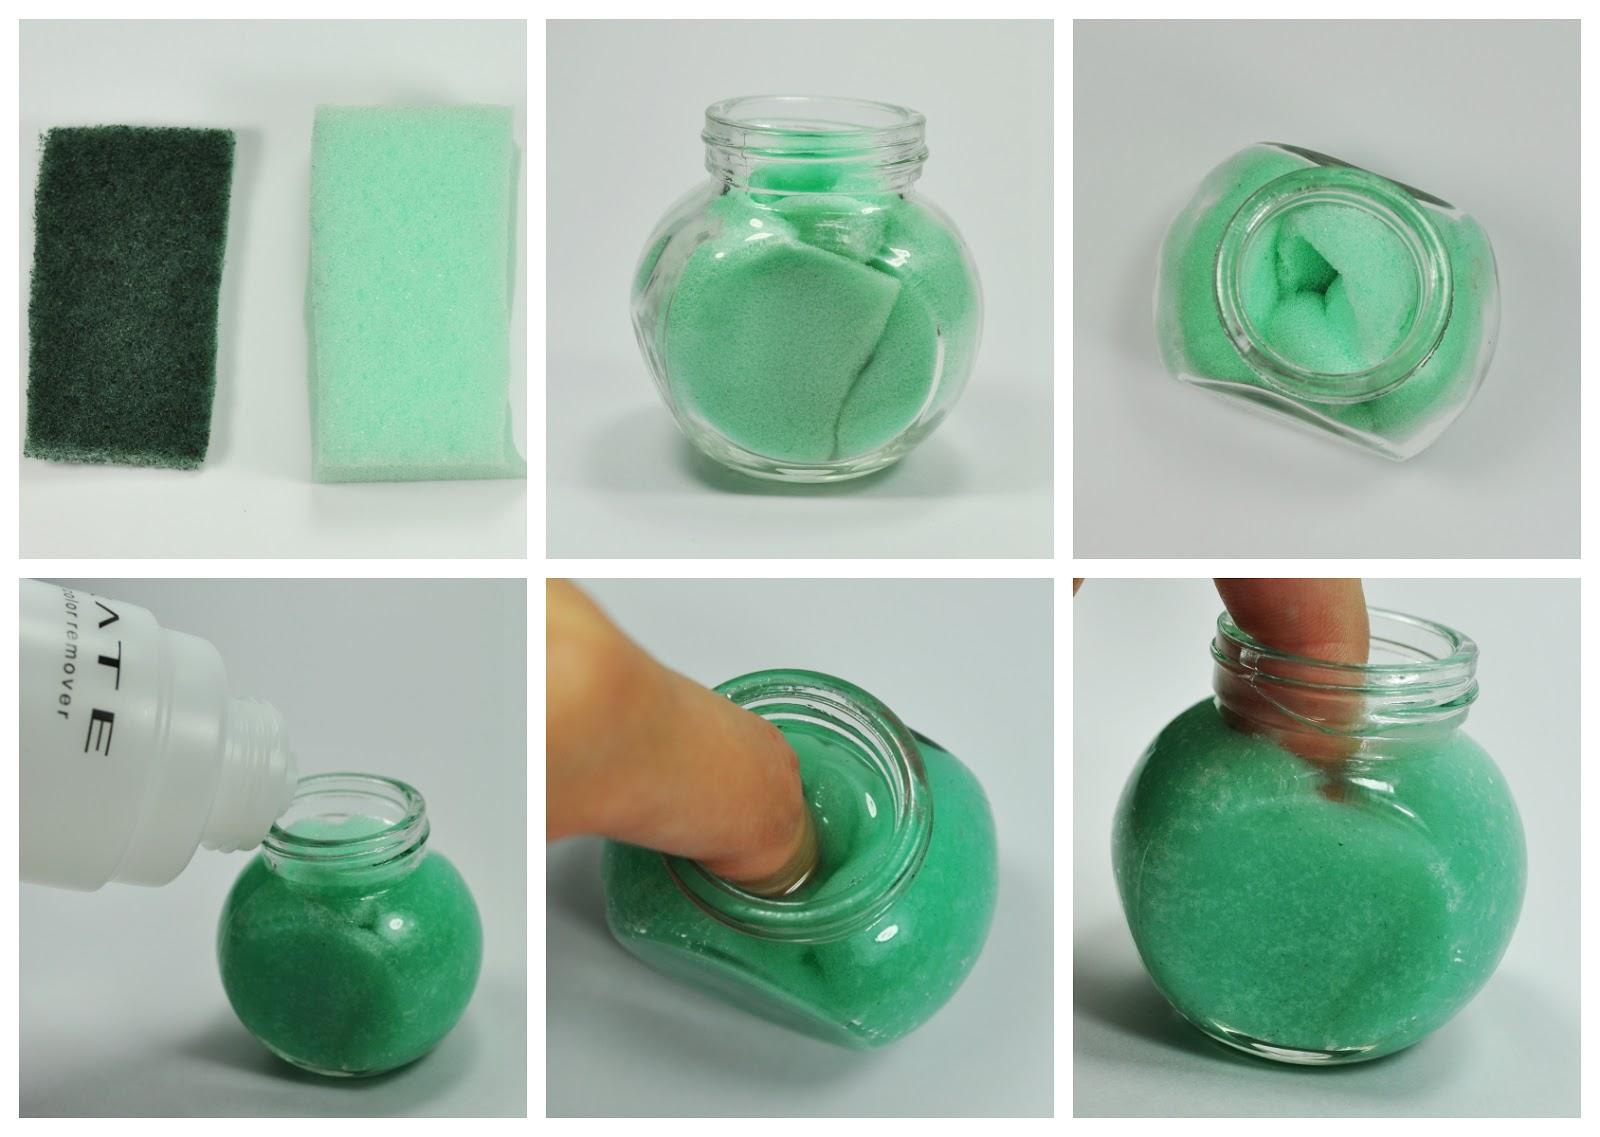 Mujer de Colores: Haz tu propio removedor de esmalte de uñas